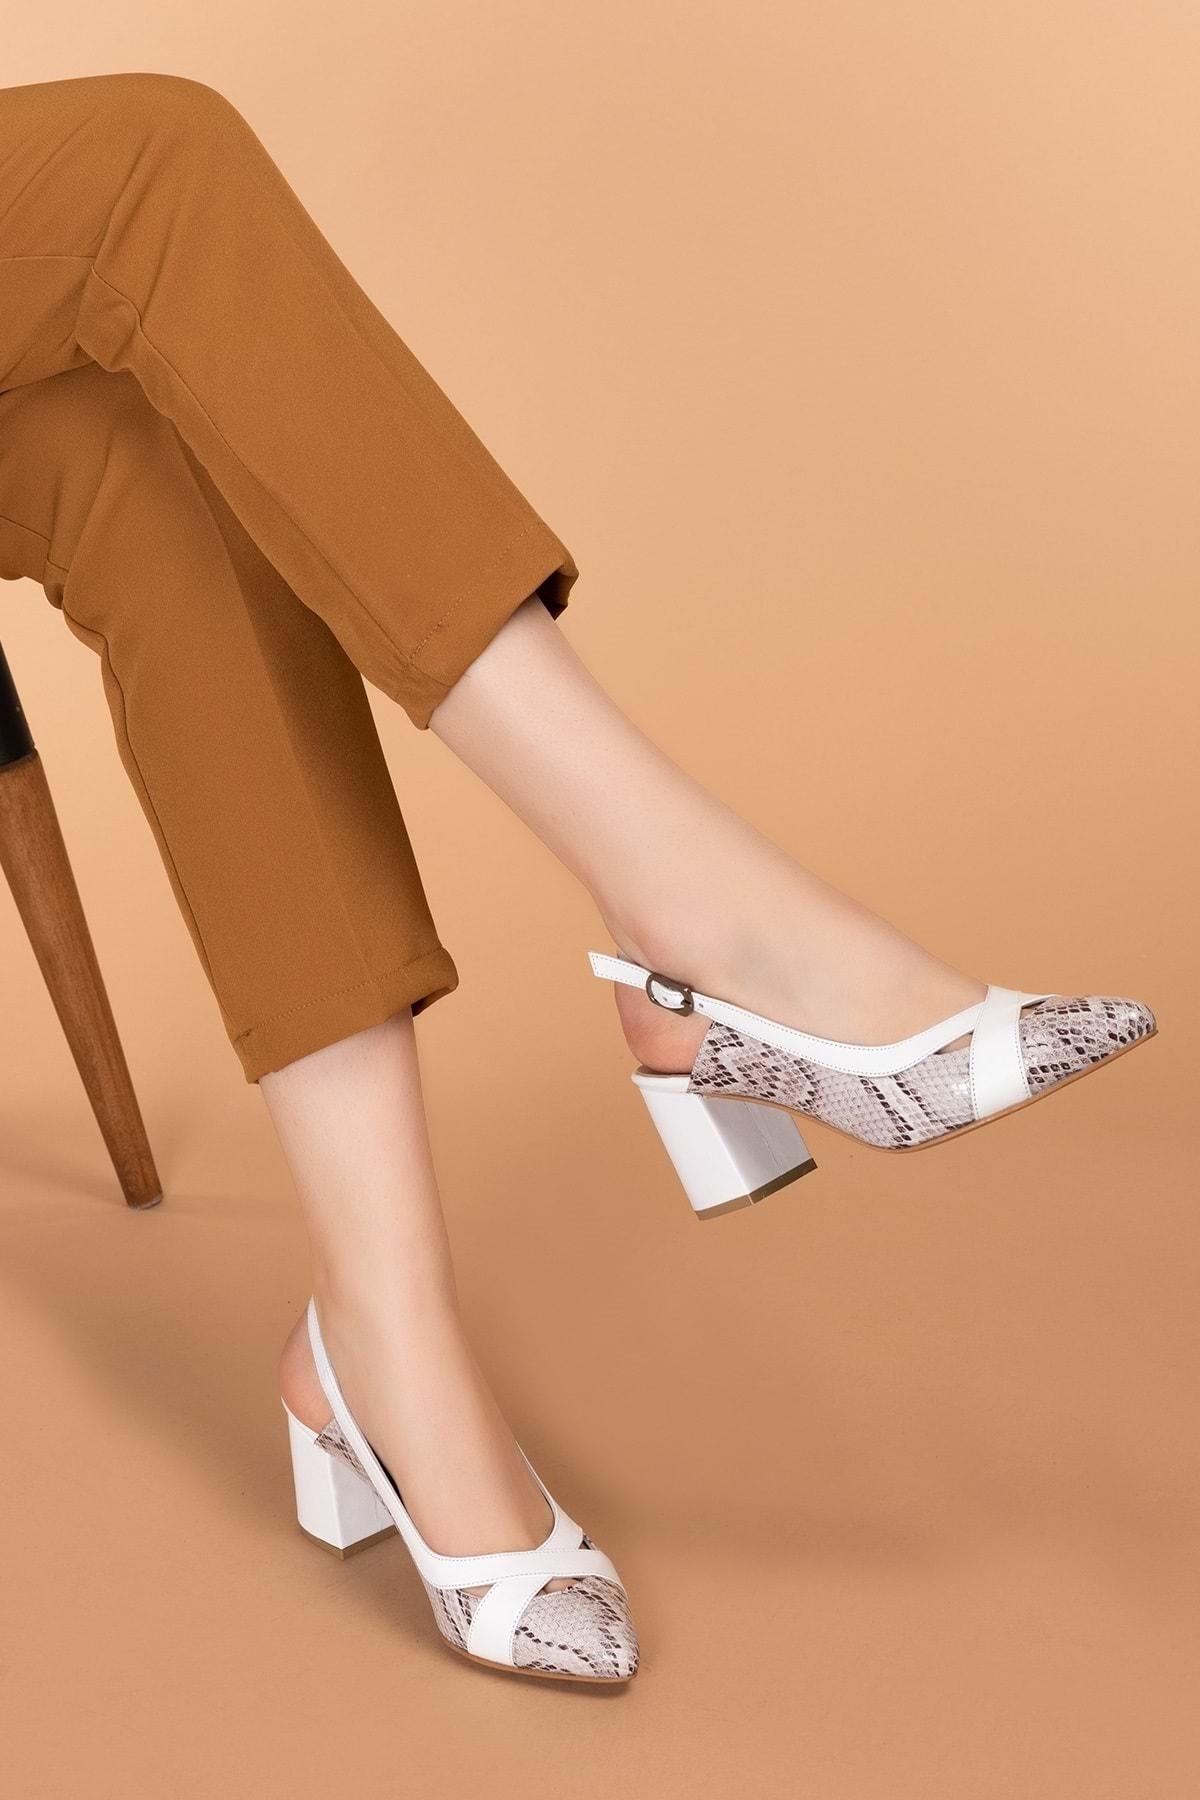 Hakiki Deri Yılan Desen Ayrıntılı Topuklu Ayakkabı Şhn.0738 Beyaz Yılan